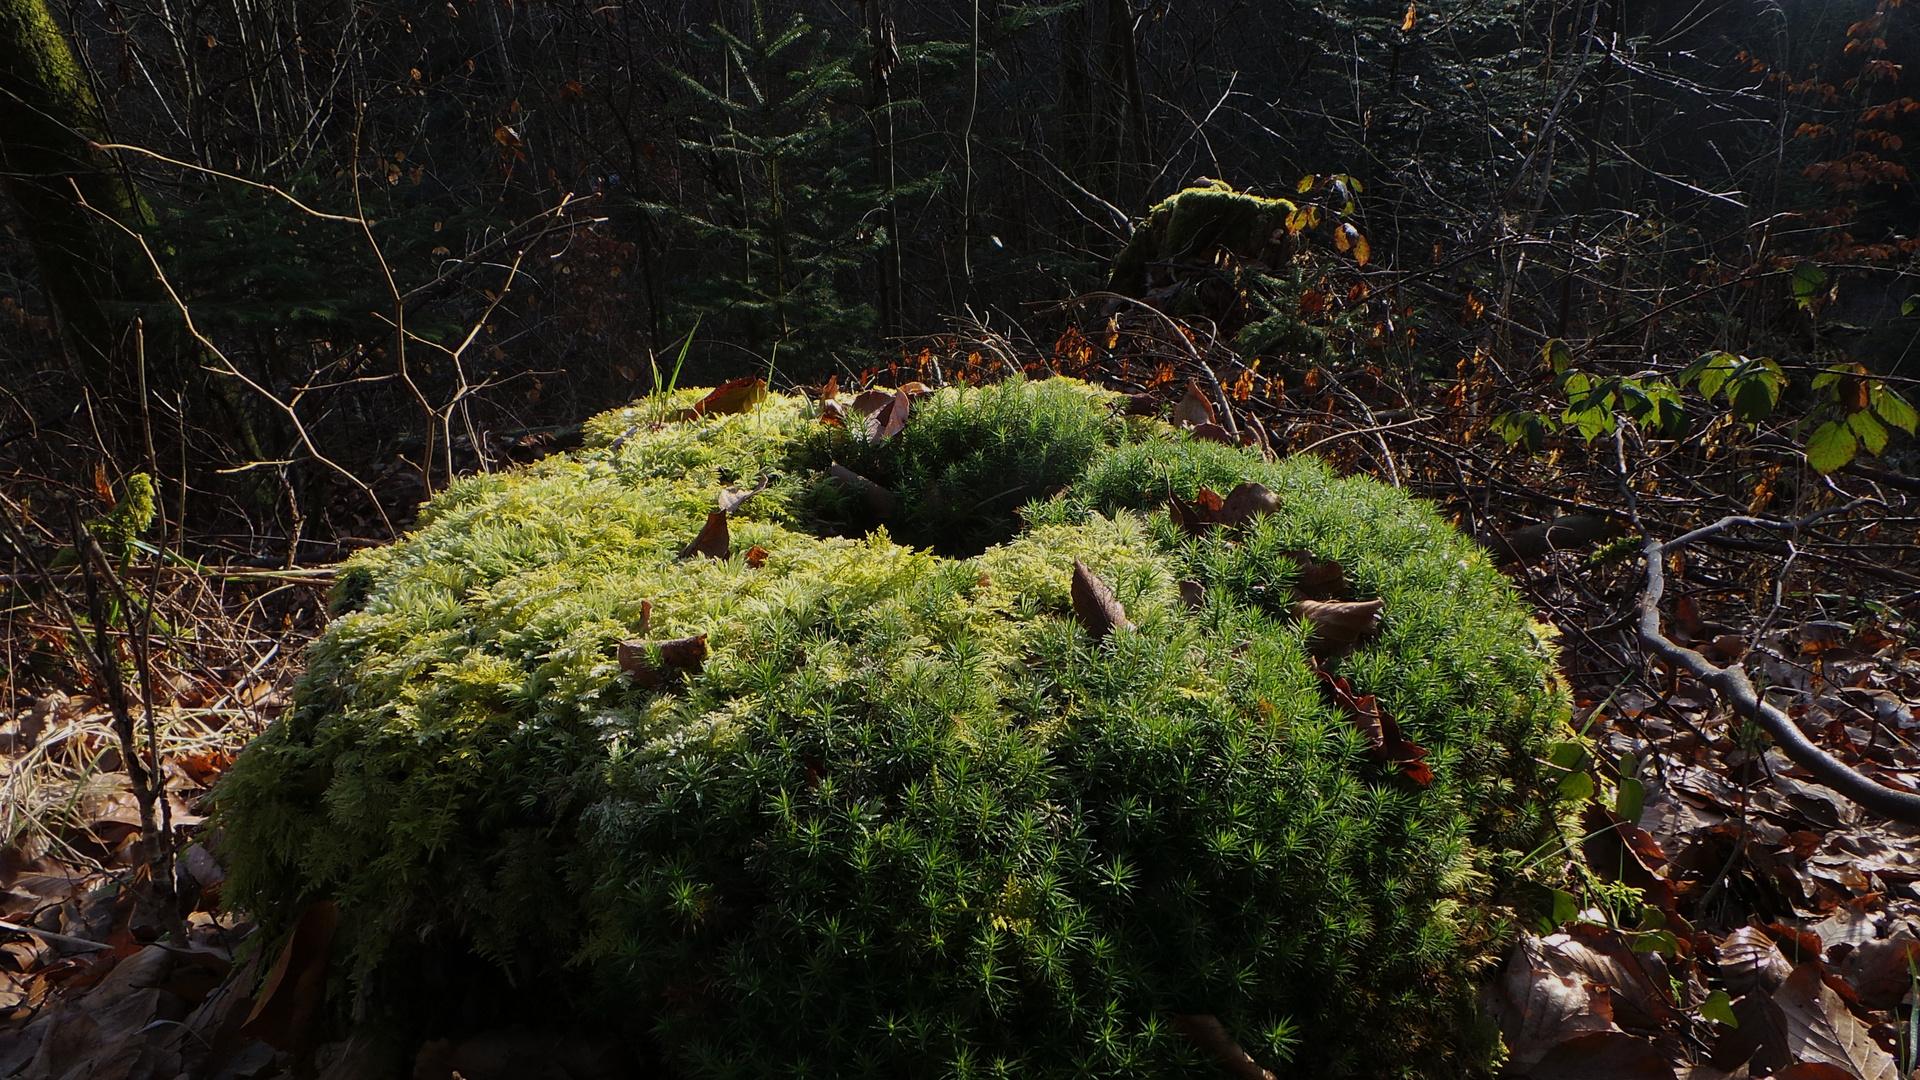 osternest 2014 ebbes bälder im wald gefunden